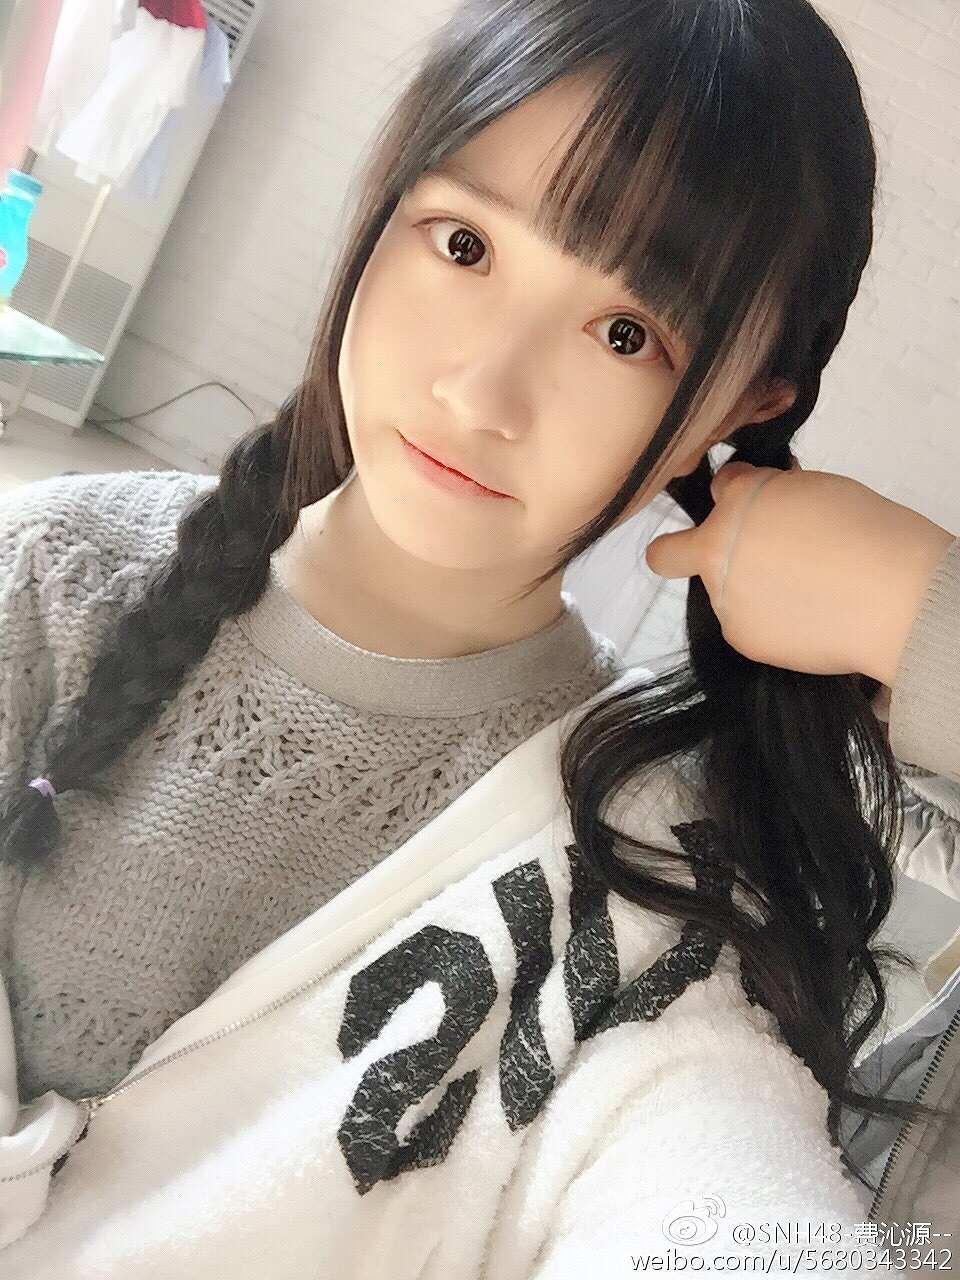 SNH48の可愛いアイドル